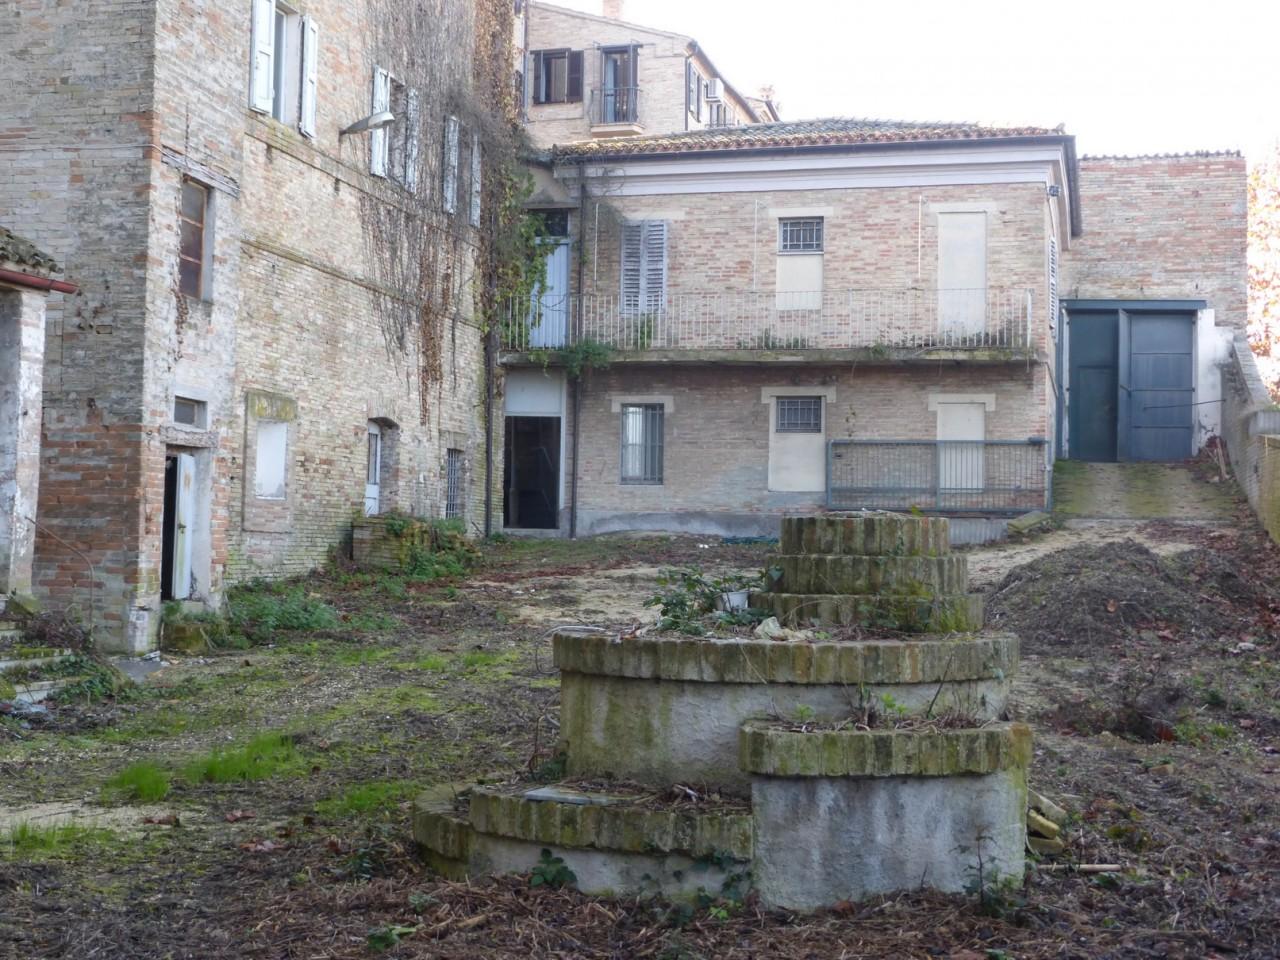 giardino monachette intermesoli macerata (14)